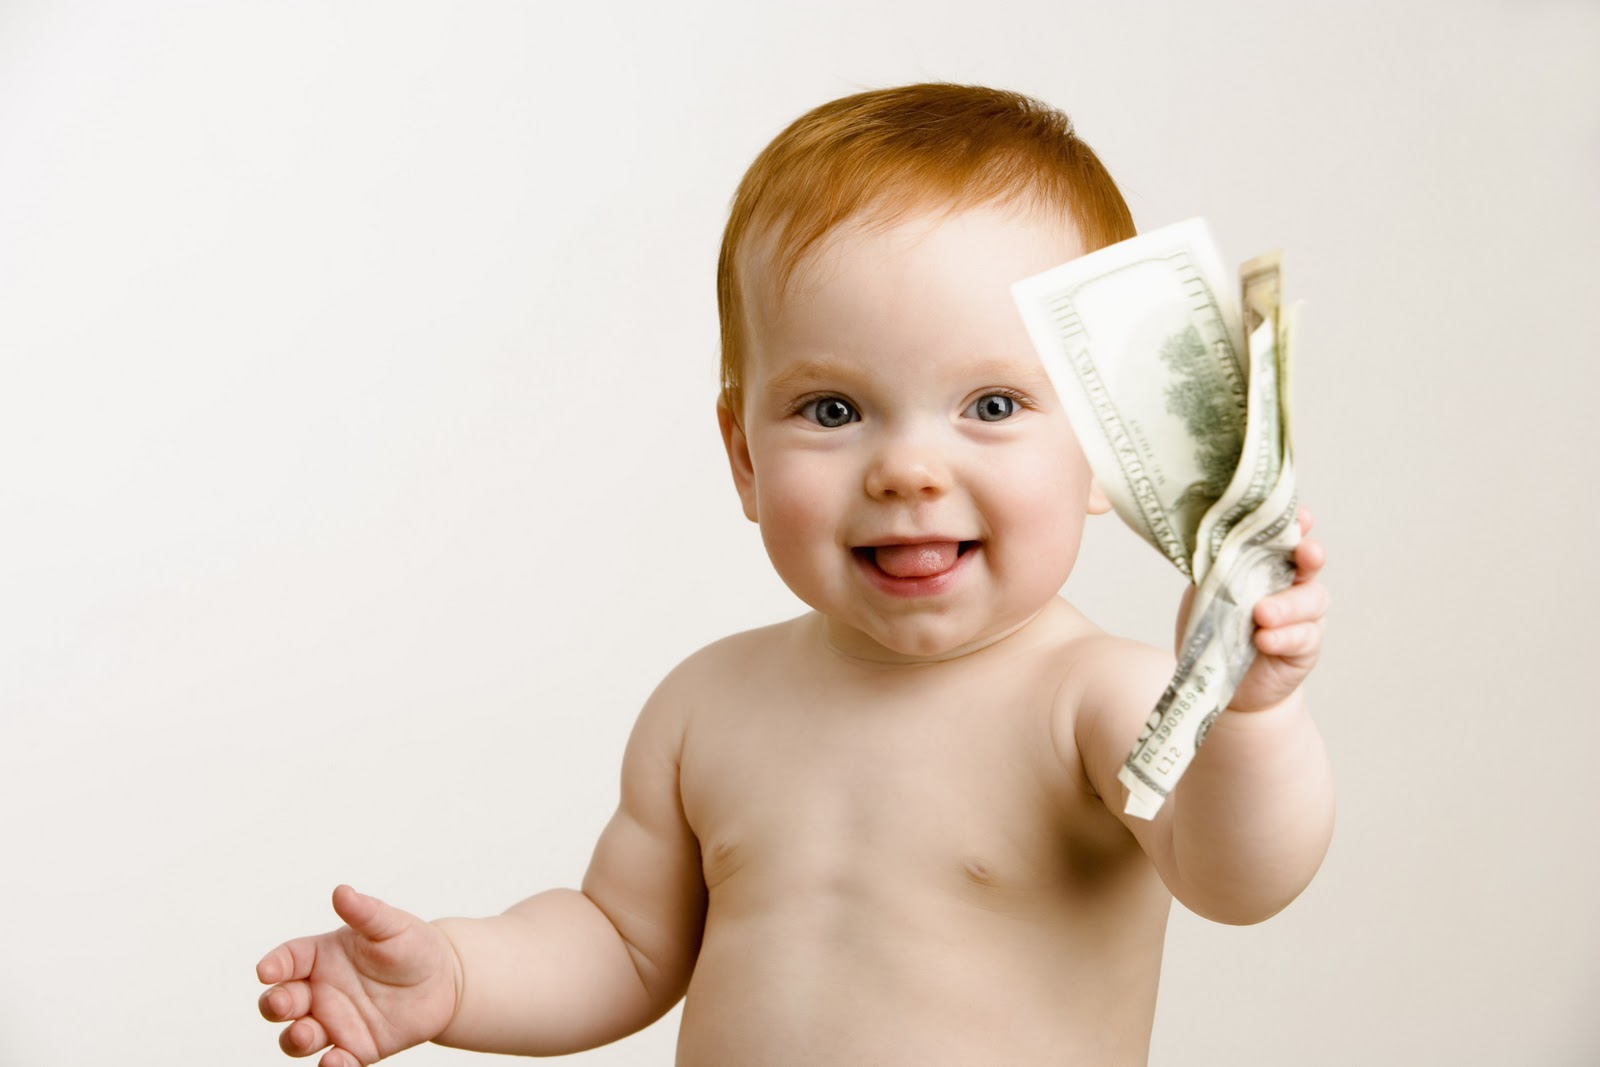 Uśmiechnięte niemowlę z plikiem banknotów /Ilustracja do tekstu: Dofinansowanie in vitro w Chojnicach. rusza rekrutacja; kto może się zgłosić?